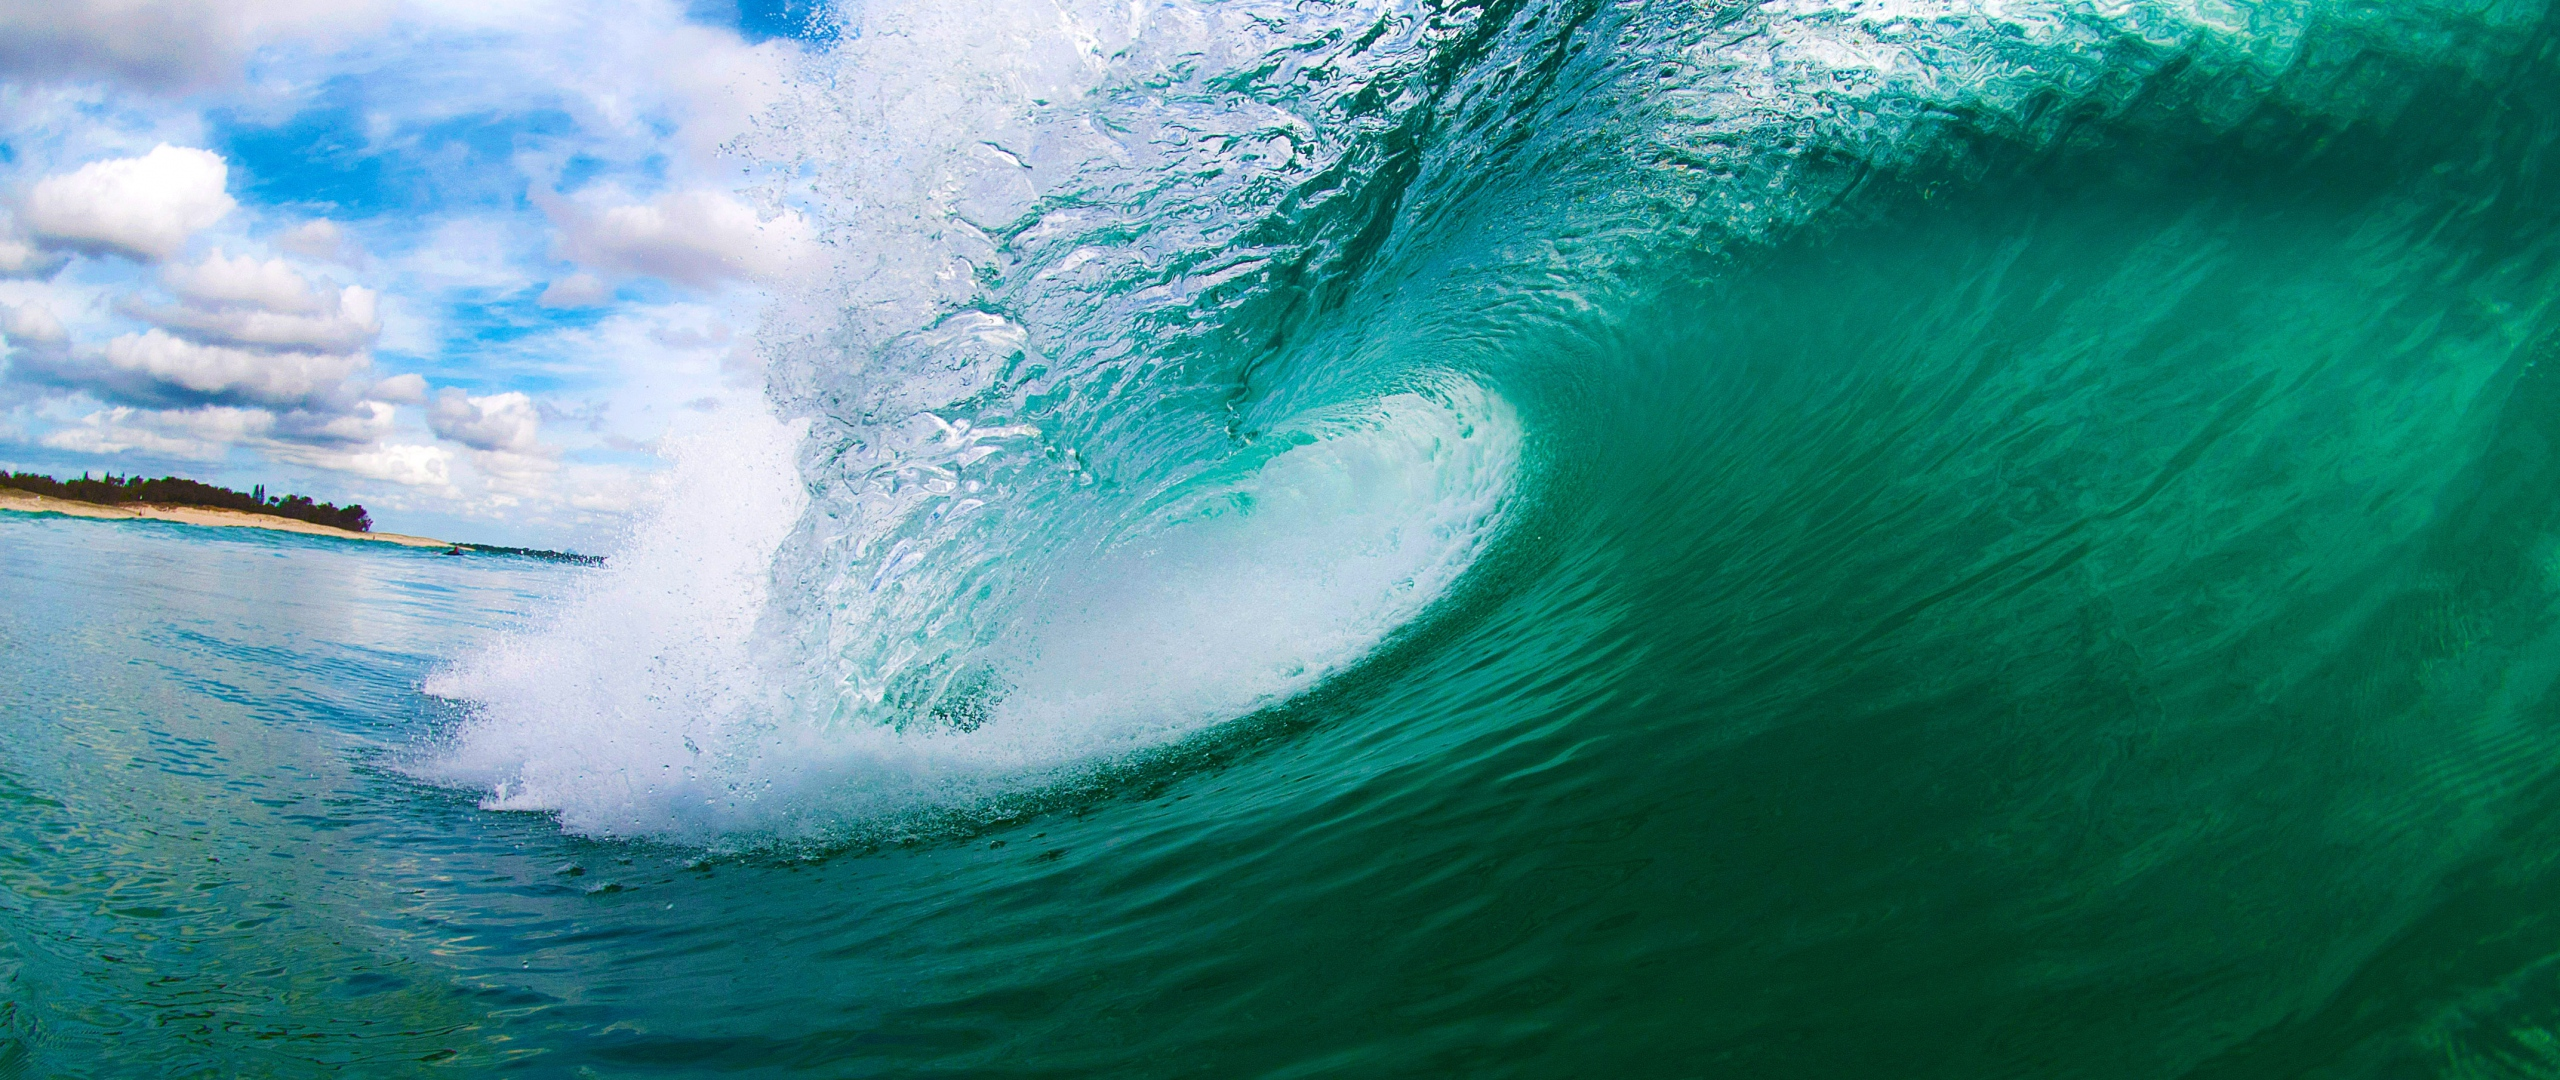 Download Wallpaper 2560x1080 sea wave island 2560x1080 219 TV HD 2560x1080